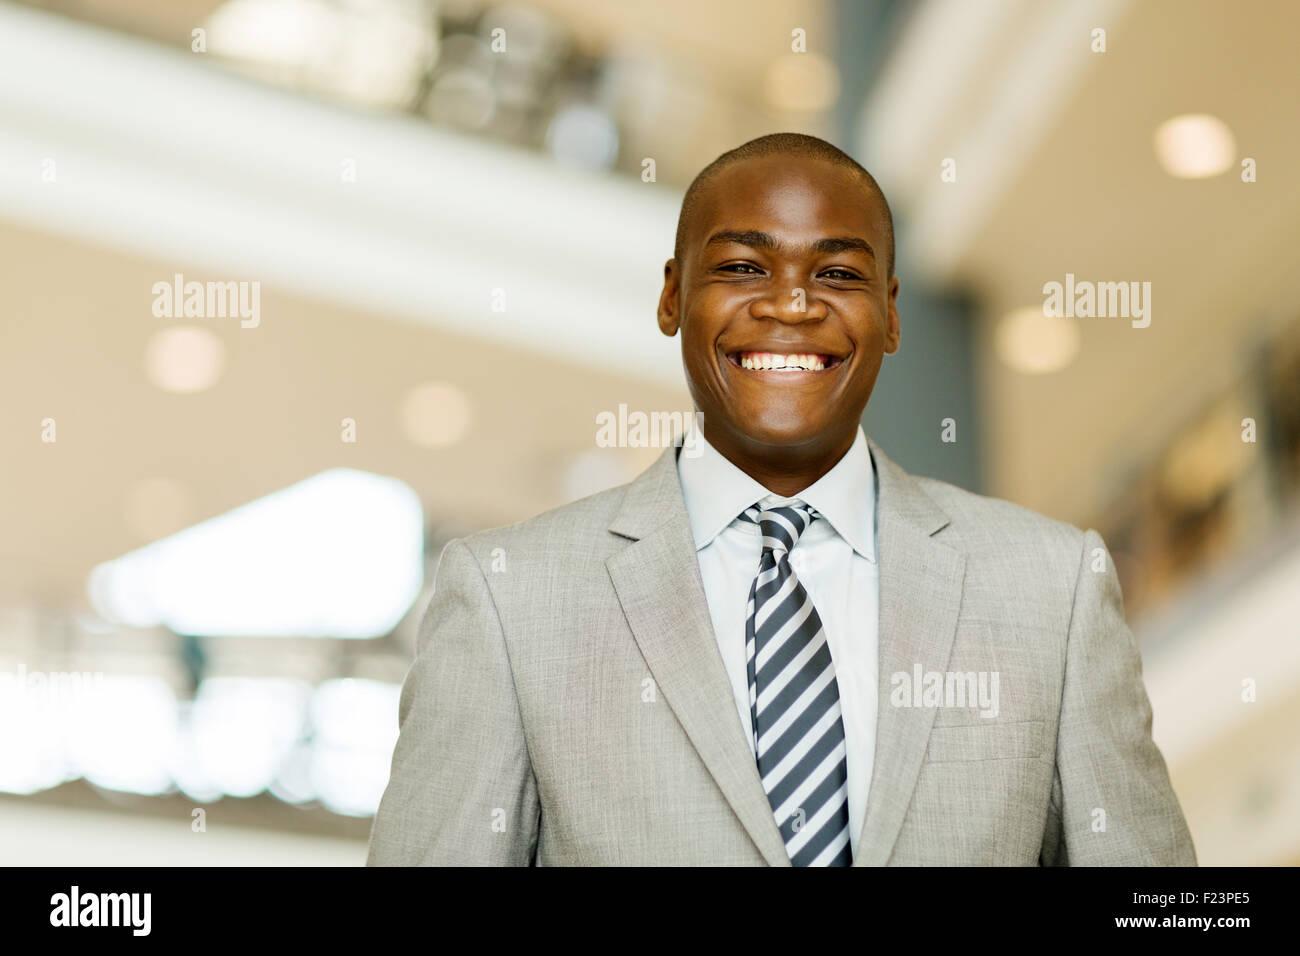 Porträt der fröhlichen afrikanischen Geschäftsmann im modernen Büro Stockbild